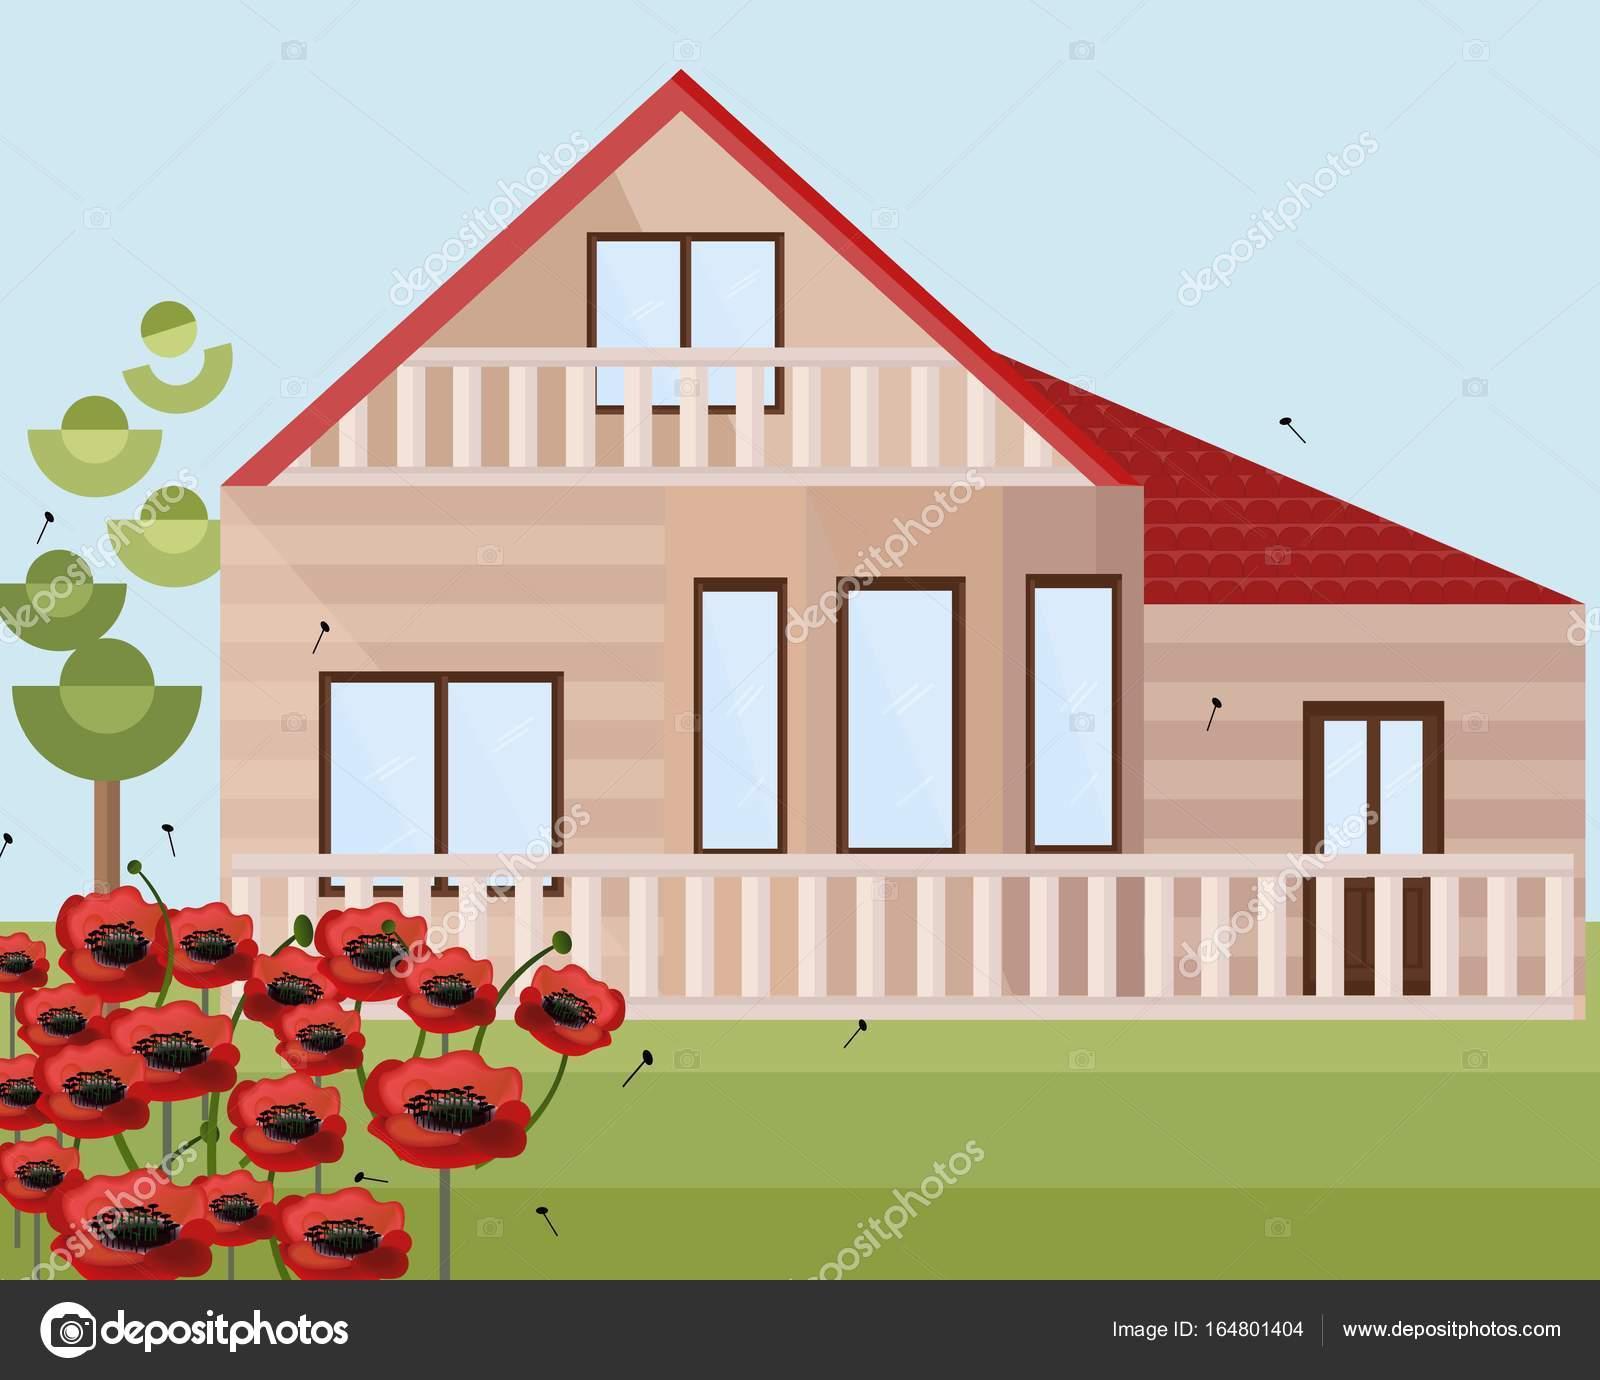 Verführerisch Häuser Stile Ideen Von Holz Oder Bauernhof-mohn Blumen-landschaft. Vektor-fassade-flach-stile — Vektor